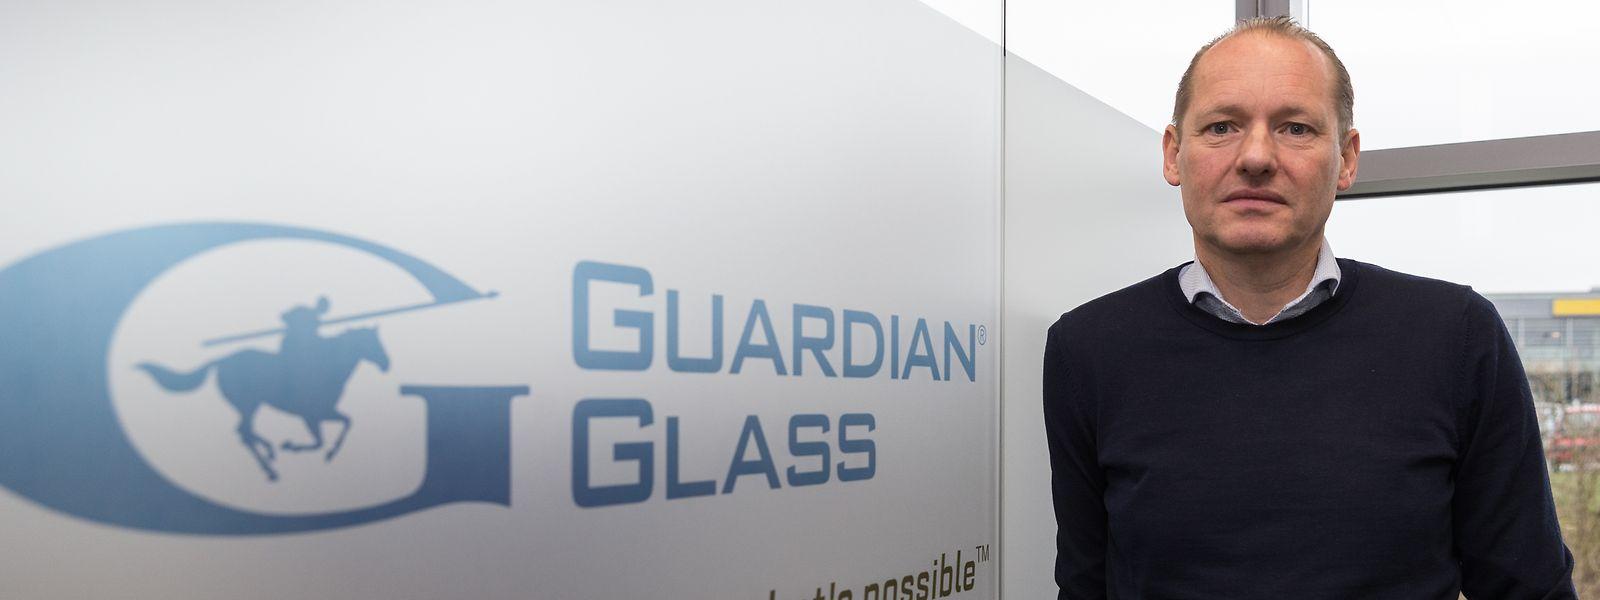 Selon Guus Boekhoudt, directeur général de Guardian Europe, l'investissement consenti sur le site de Bascharage doit garantir la production sur le site luxembourgeois «pour les 15 à 20 prochaines années».